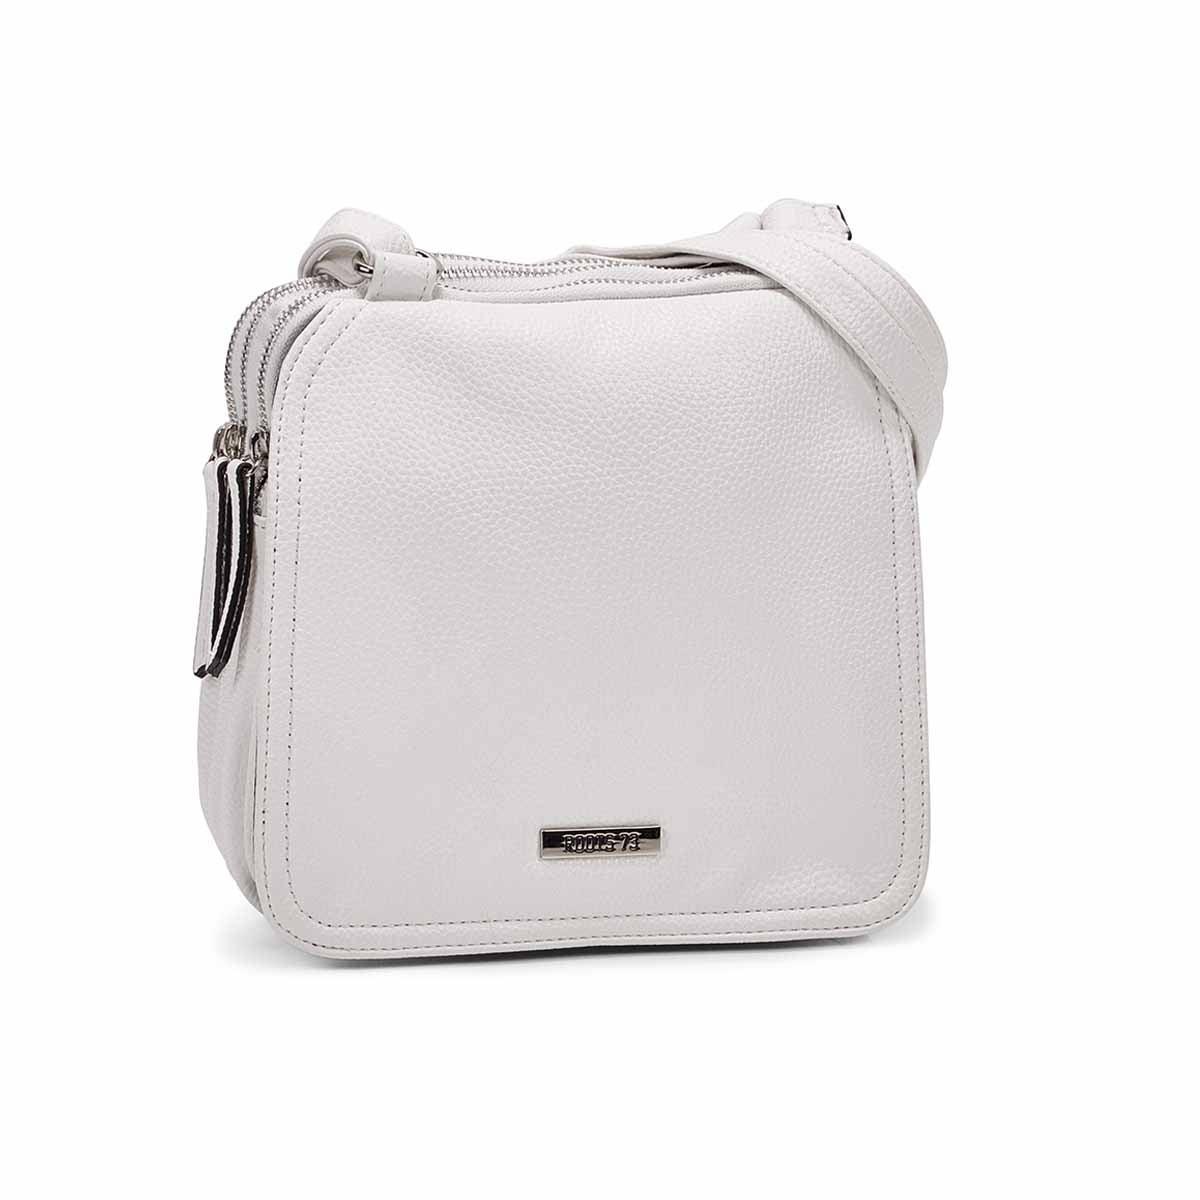 Women's R5201 white crossbody bag